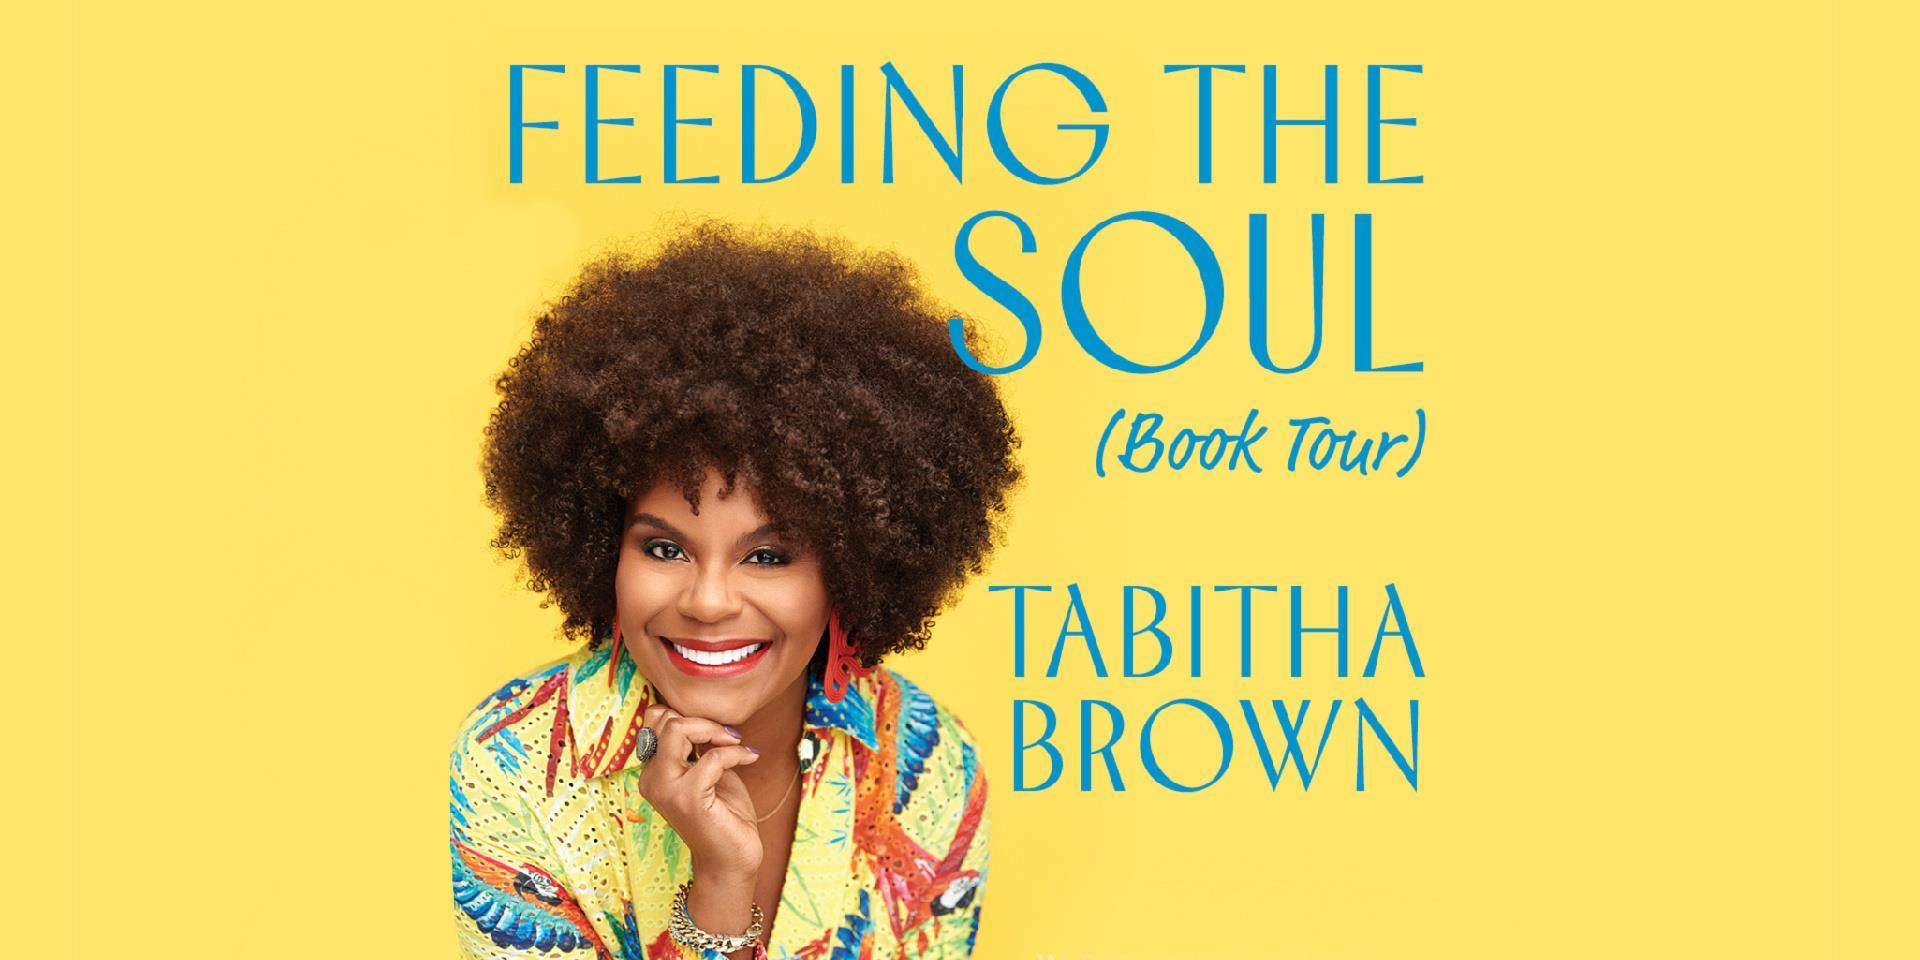 Tabitha Brown: Feeding the Soul Book Tour